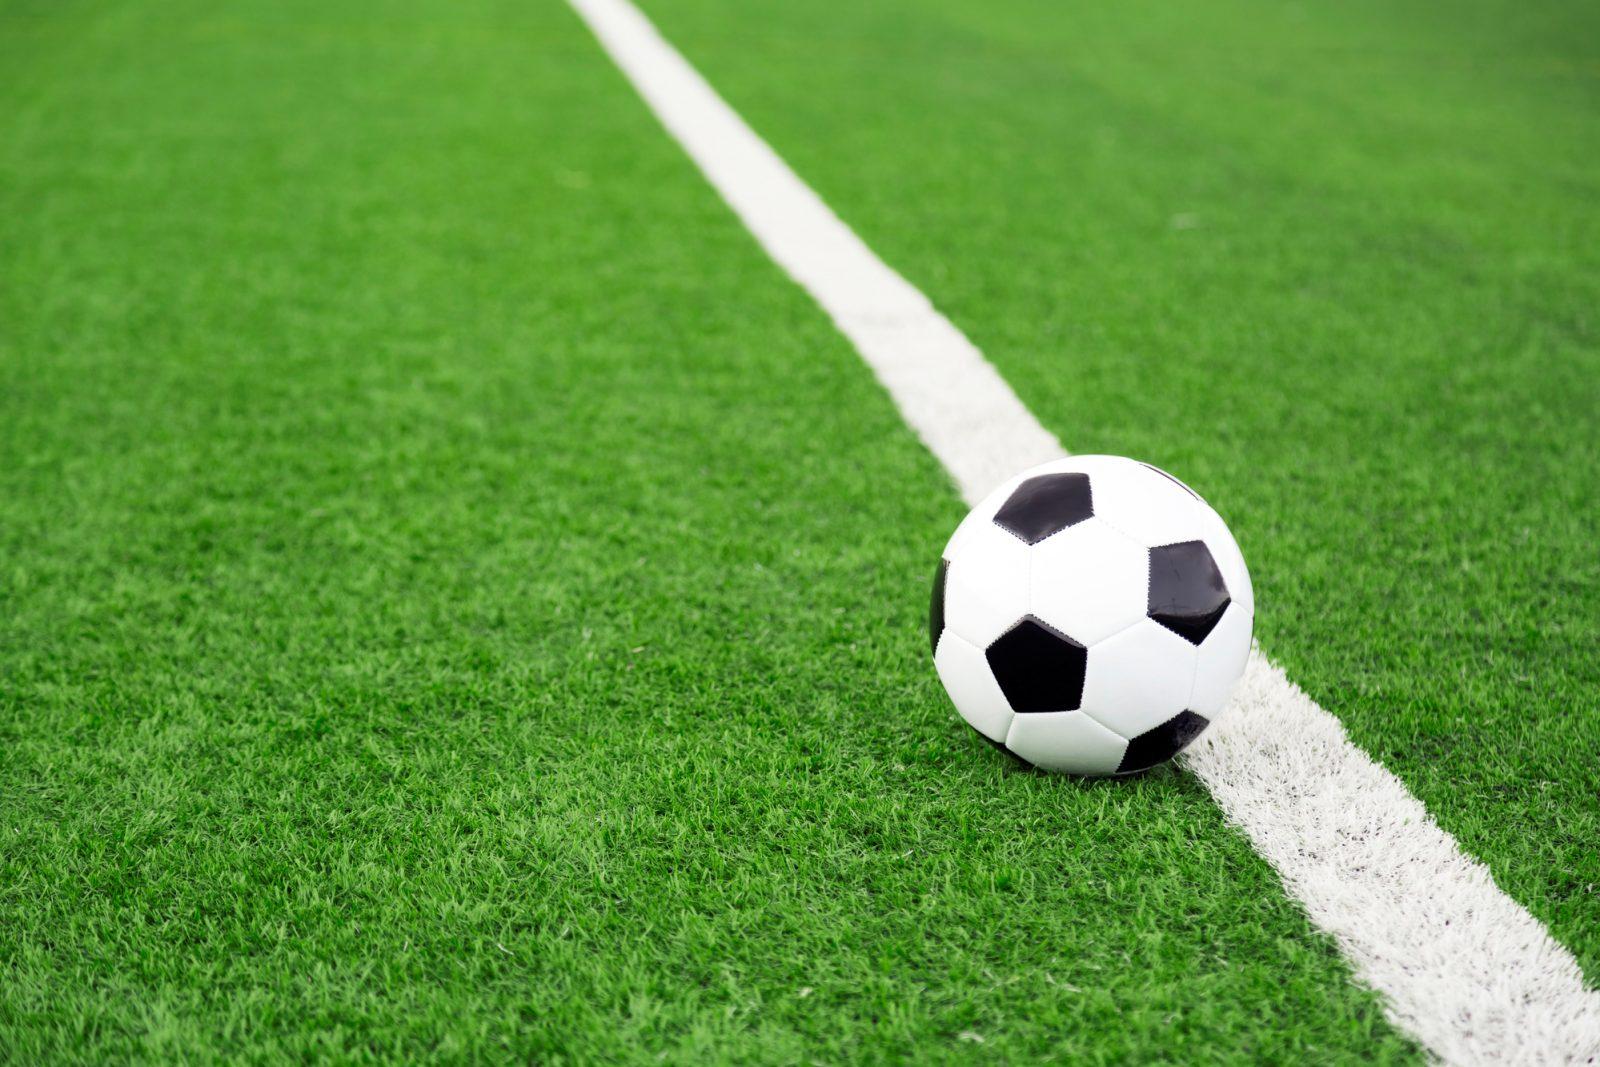 Prochaine saison de soccer : c'est l'incertitude la plus totale